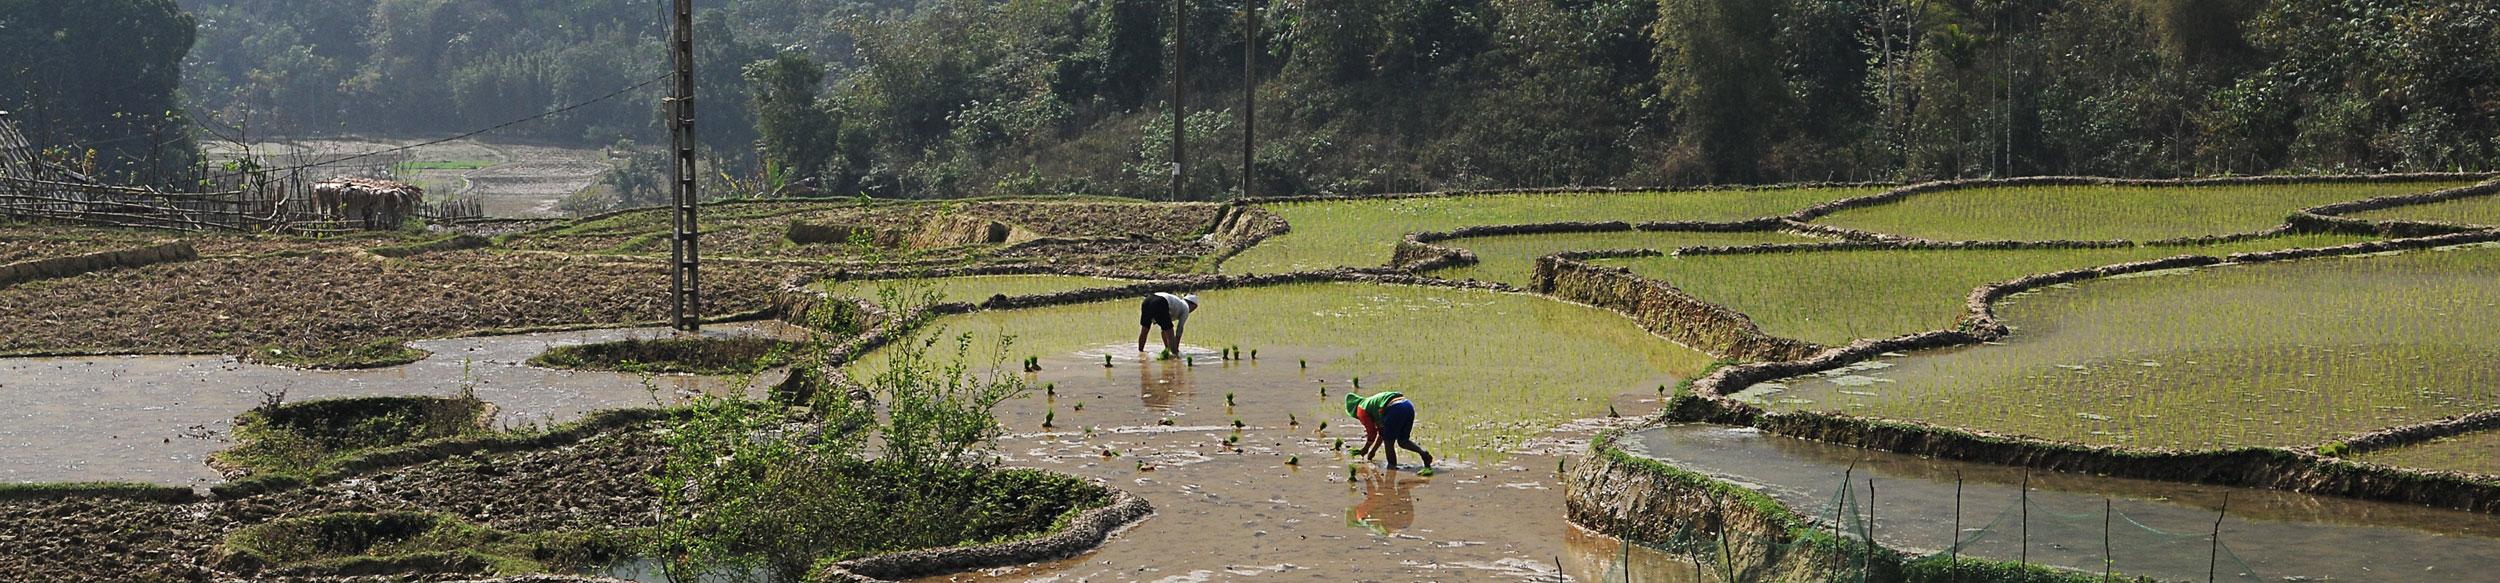 repiquage du riz dans la réserve de Ngoc Son Ngo Luong